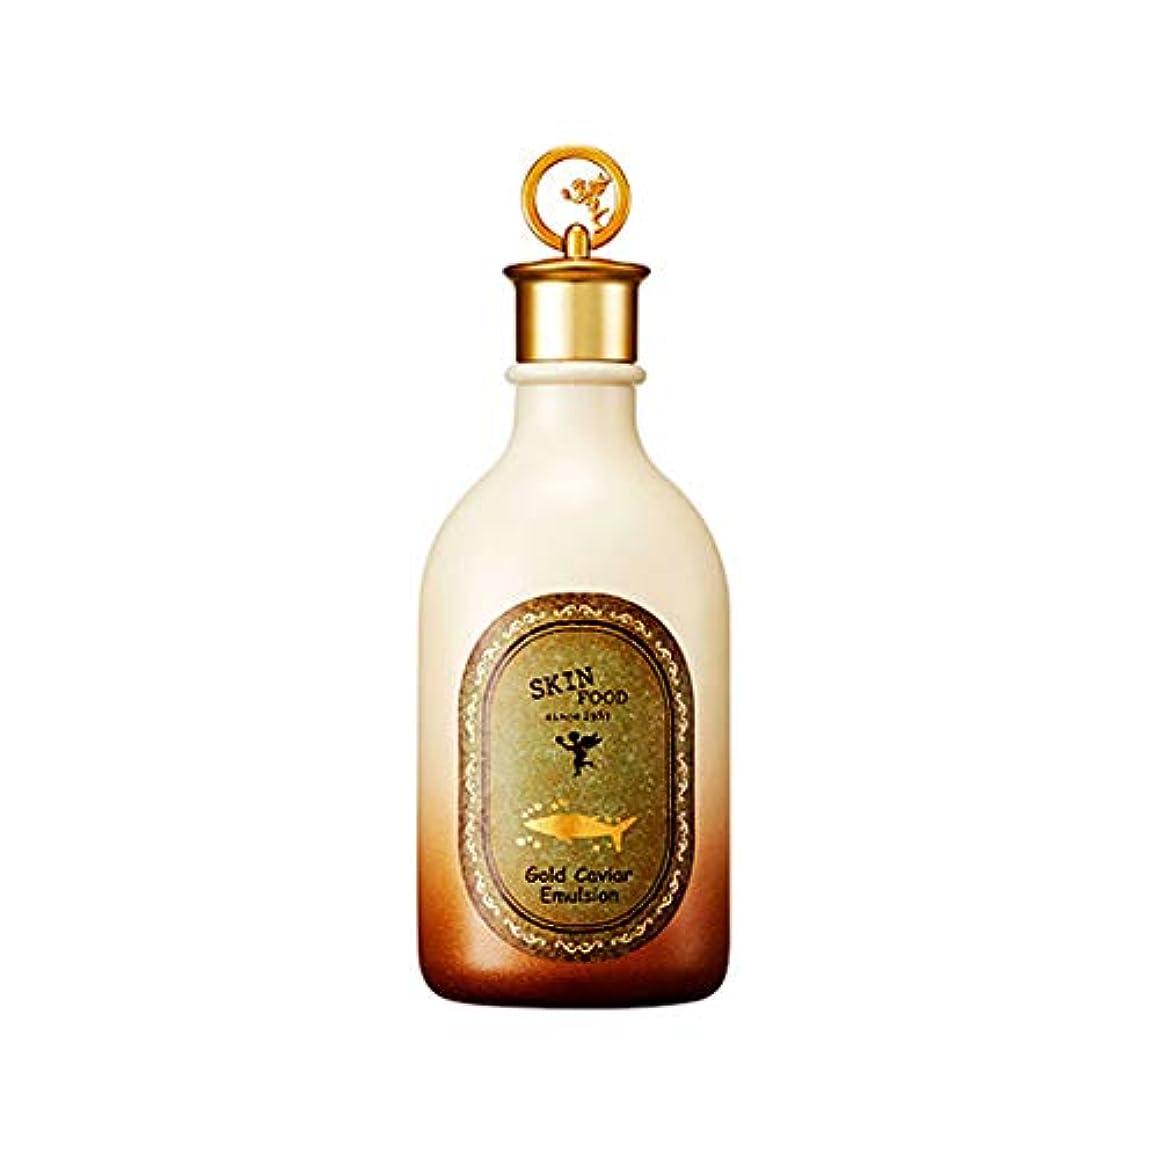 貧しいありがたい悪行Skinfood ゴールドキャビアエマルジョン(しわケア) / Gold Caviar Emulsion (Wrinkle care) 145ml [並行輸入品]